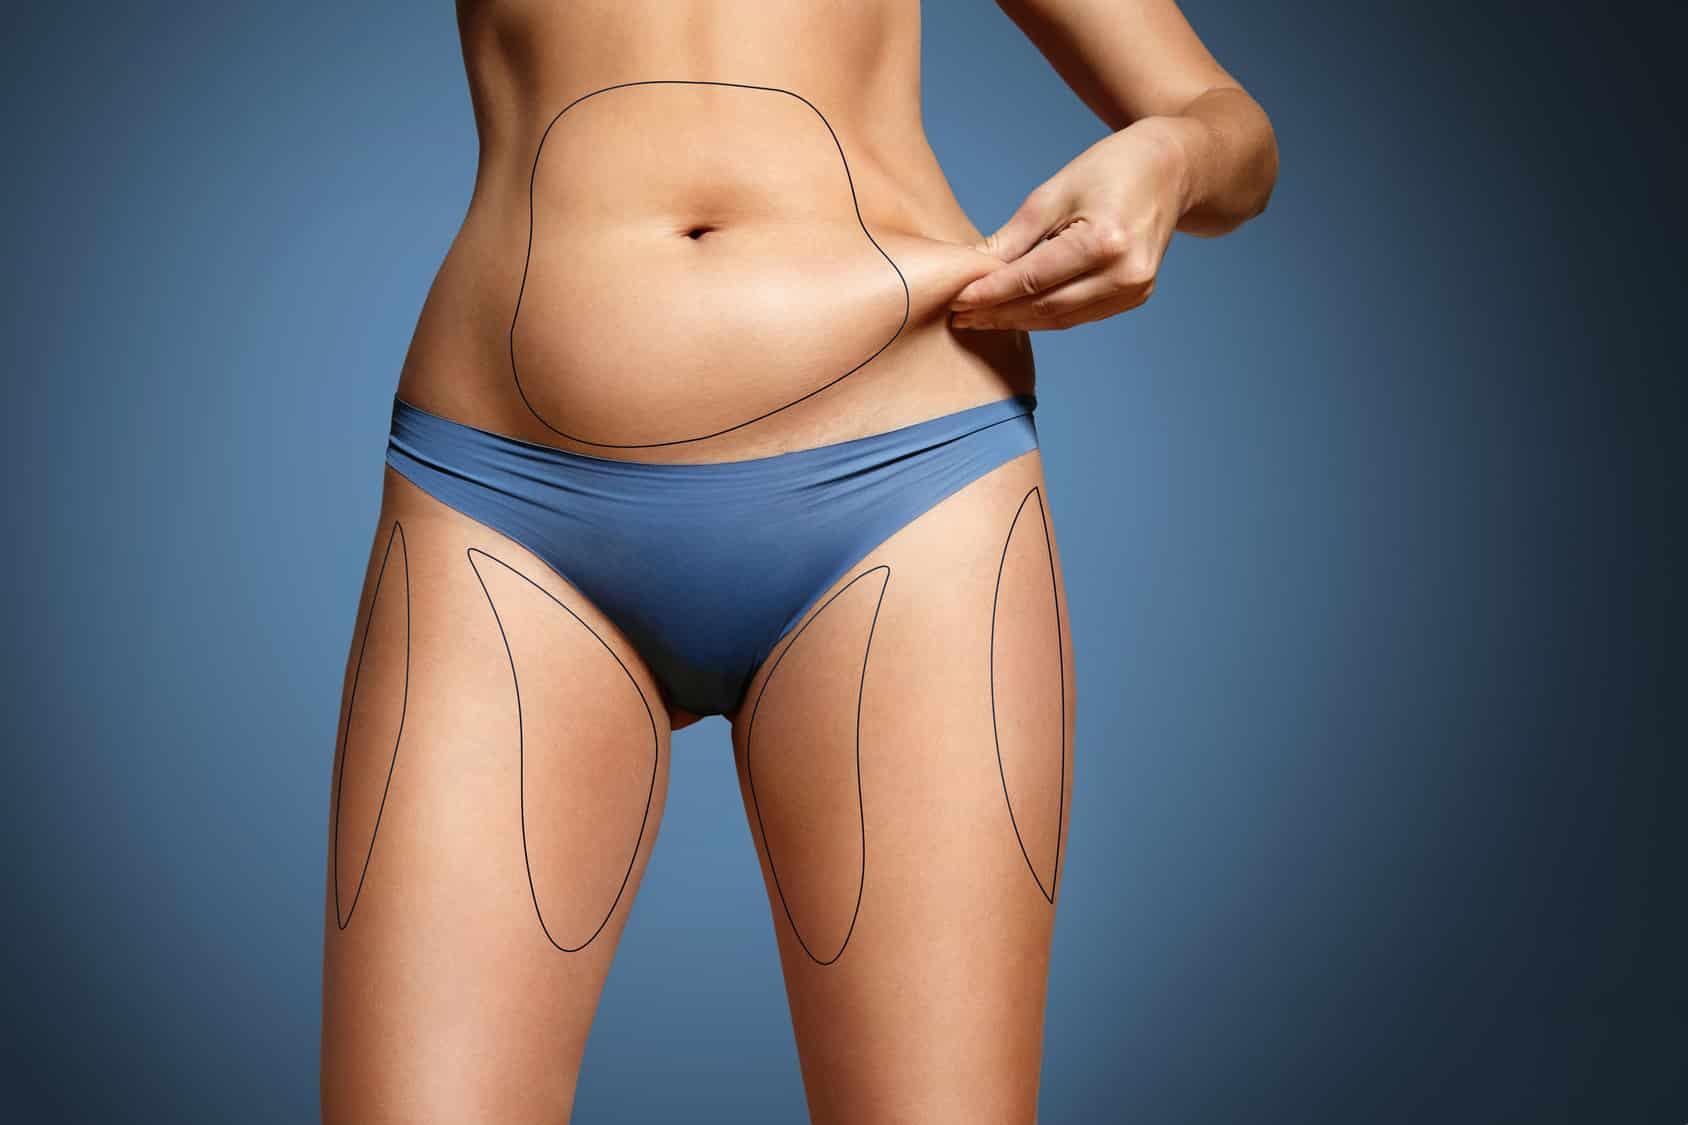 chirurgie esthétique la liposuccion